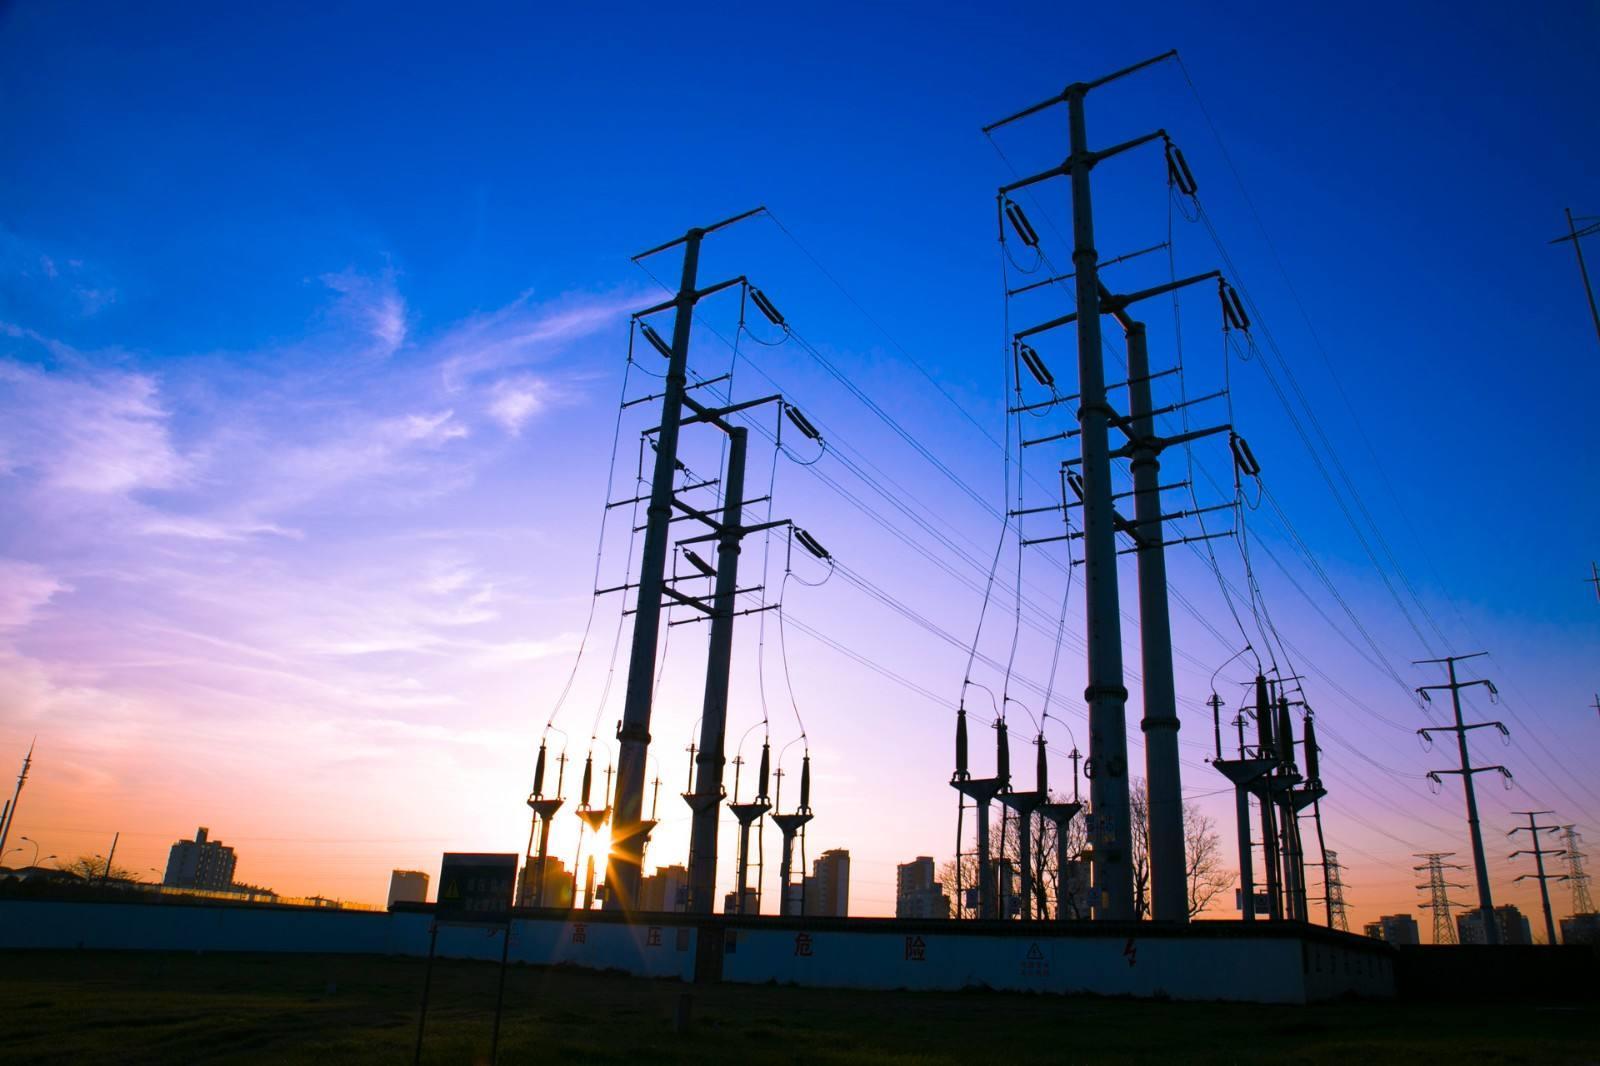 国网安徽1000千伏特高压芜湖站主变扩建工程开工